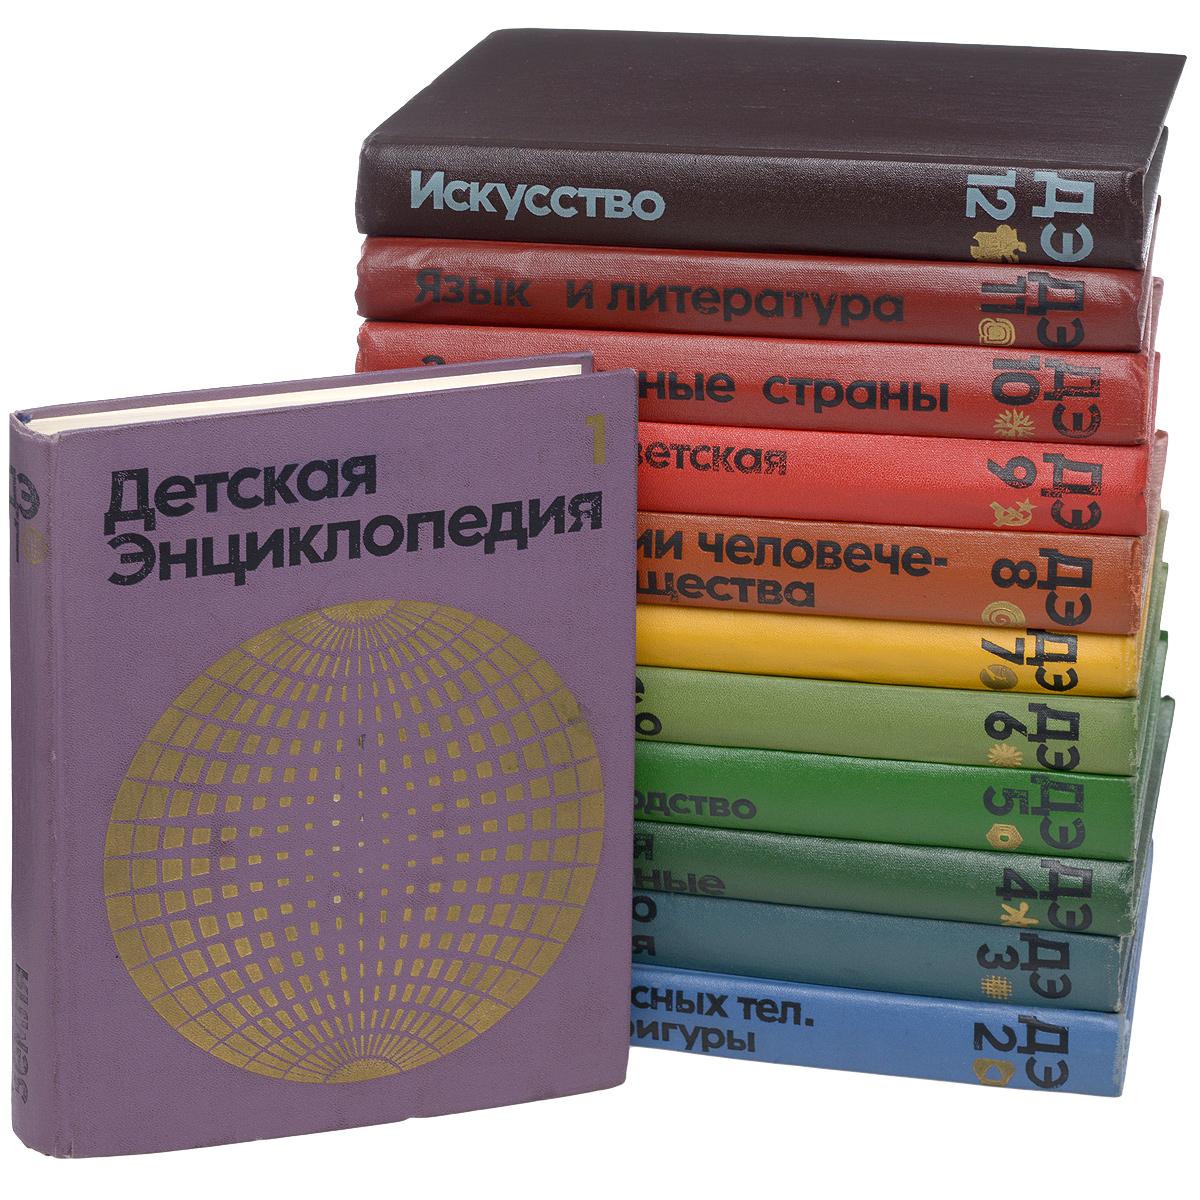 Детская энциклопедия. В 12 томах (комплект из 12 книг)